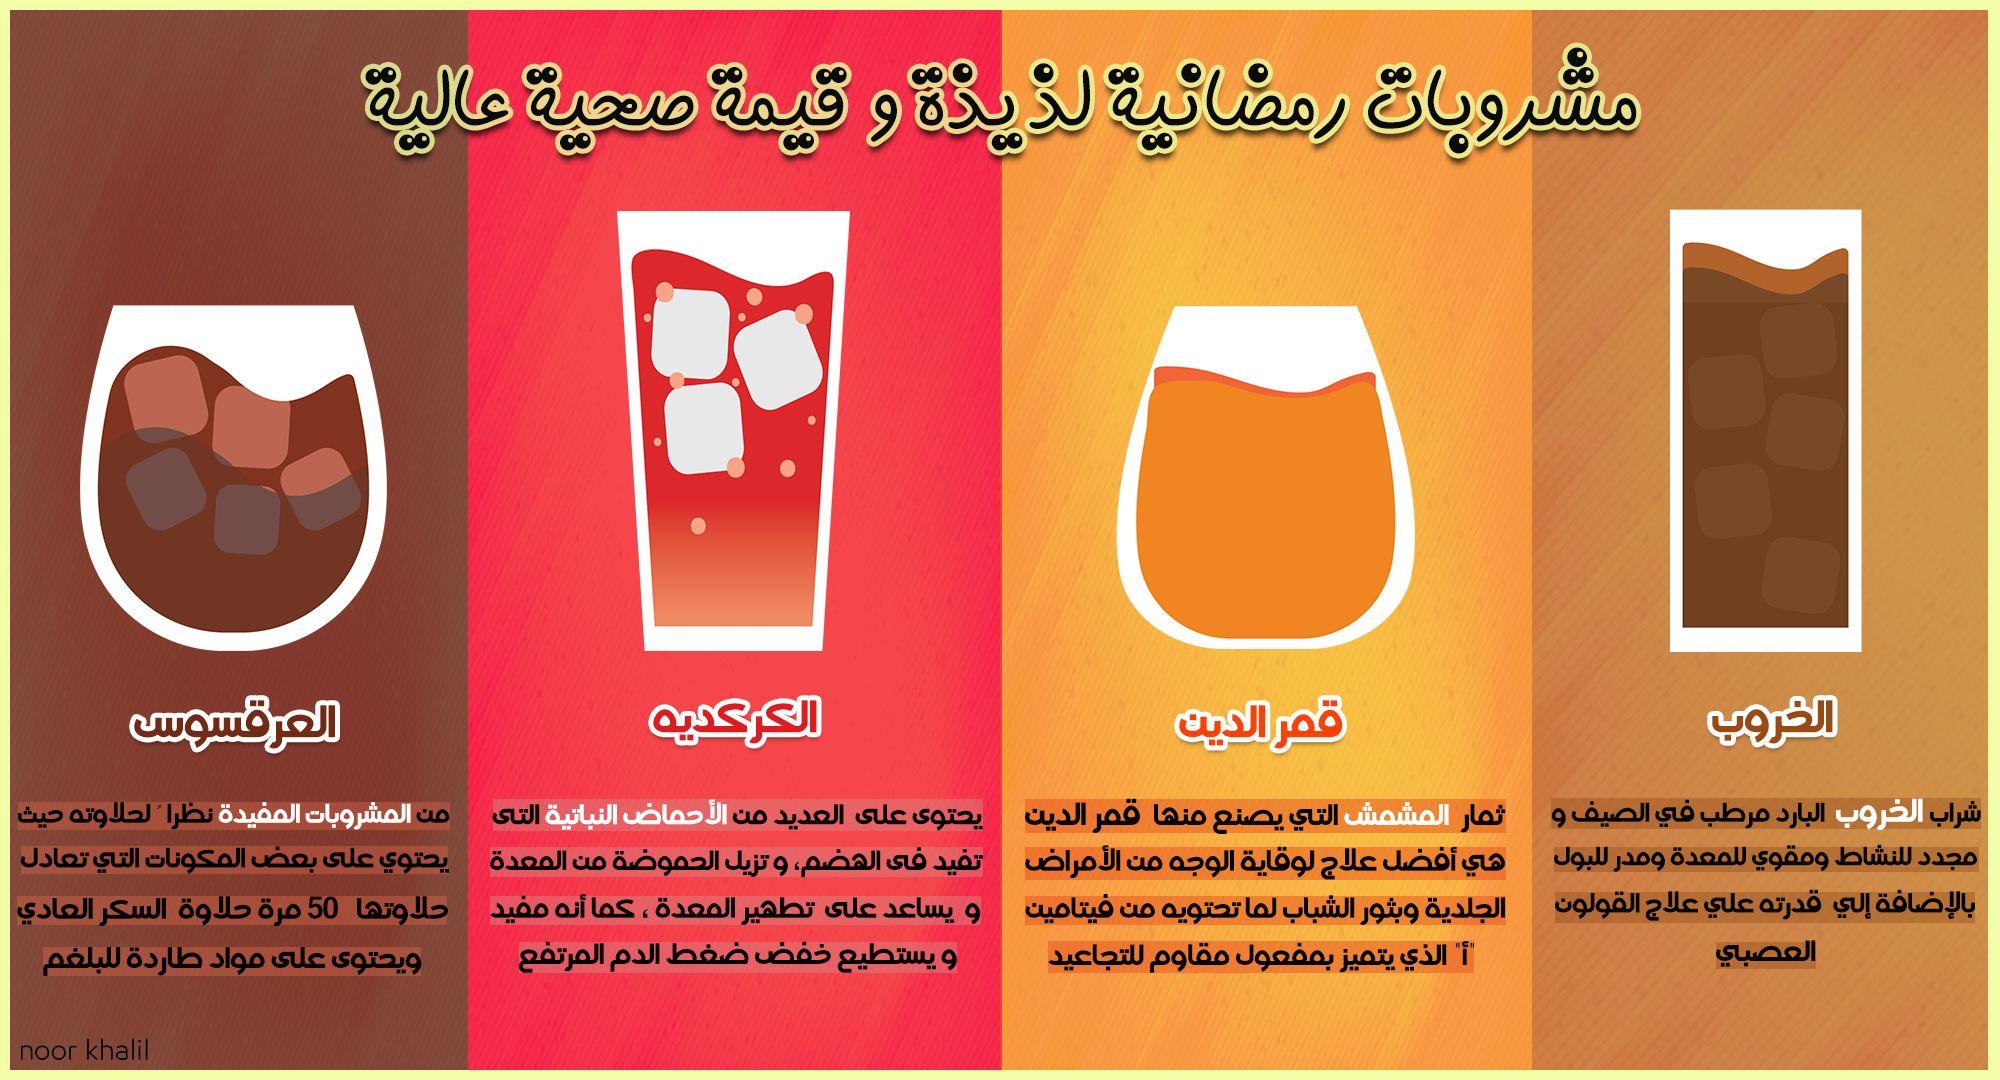 اسباب الصداع في رمضان بعد الافطار